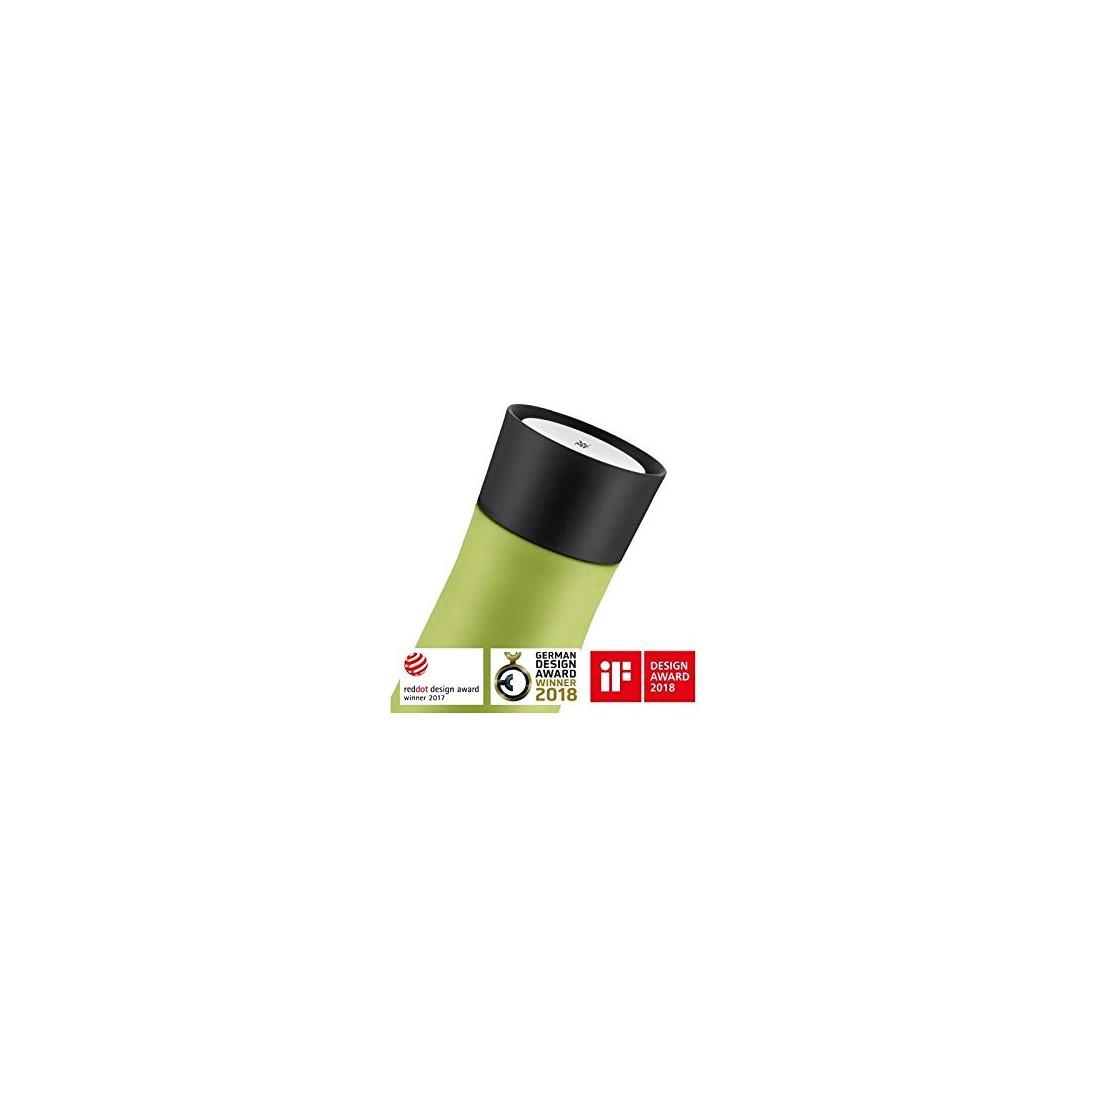 Bình giữ nhiệt WMF Impulse, dung tích 350 ml, xanh lá-Thế giới